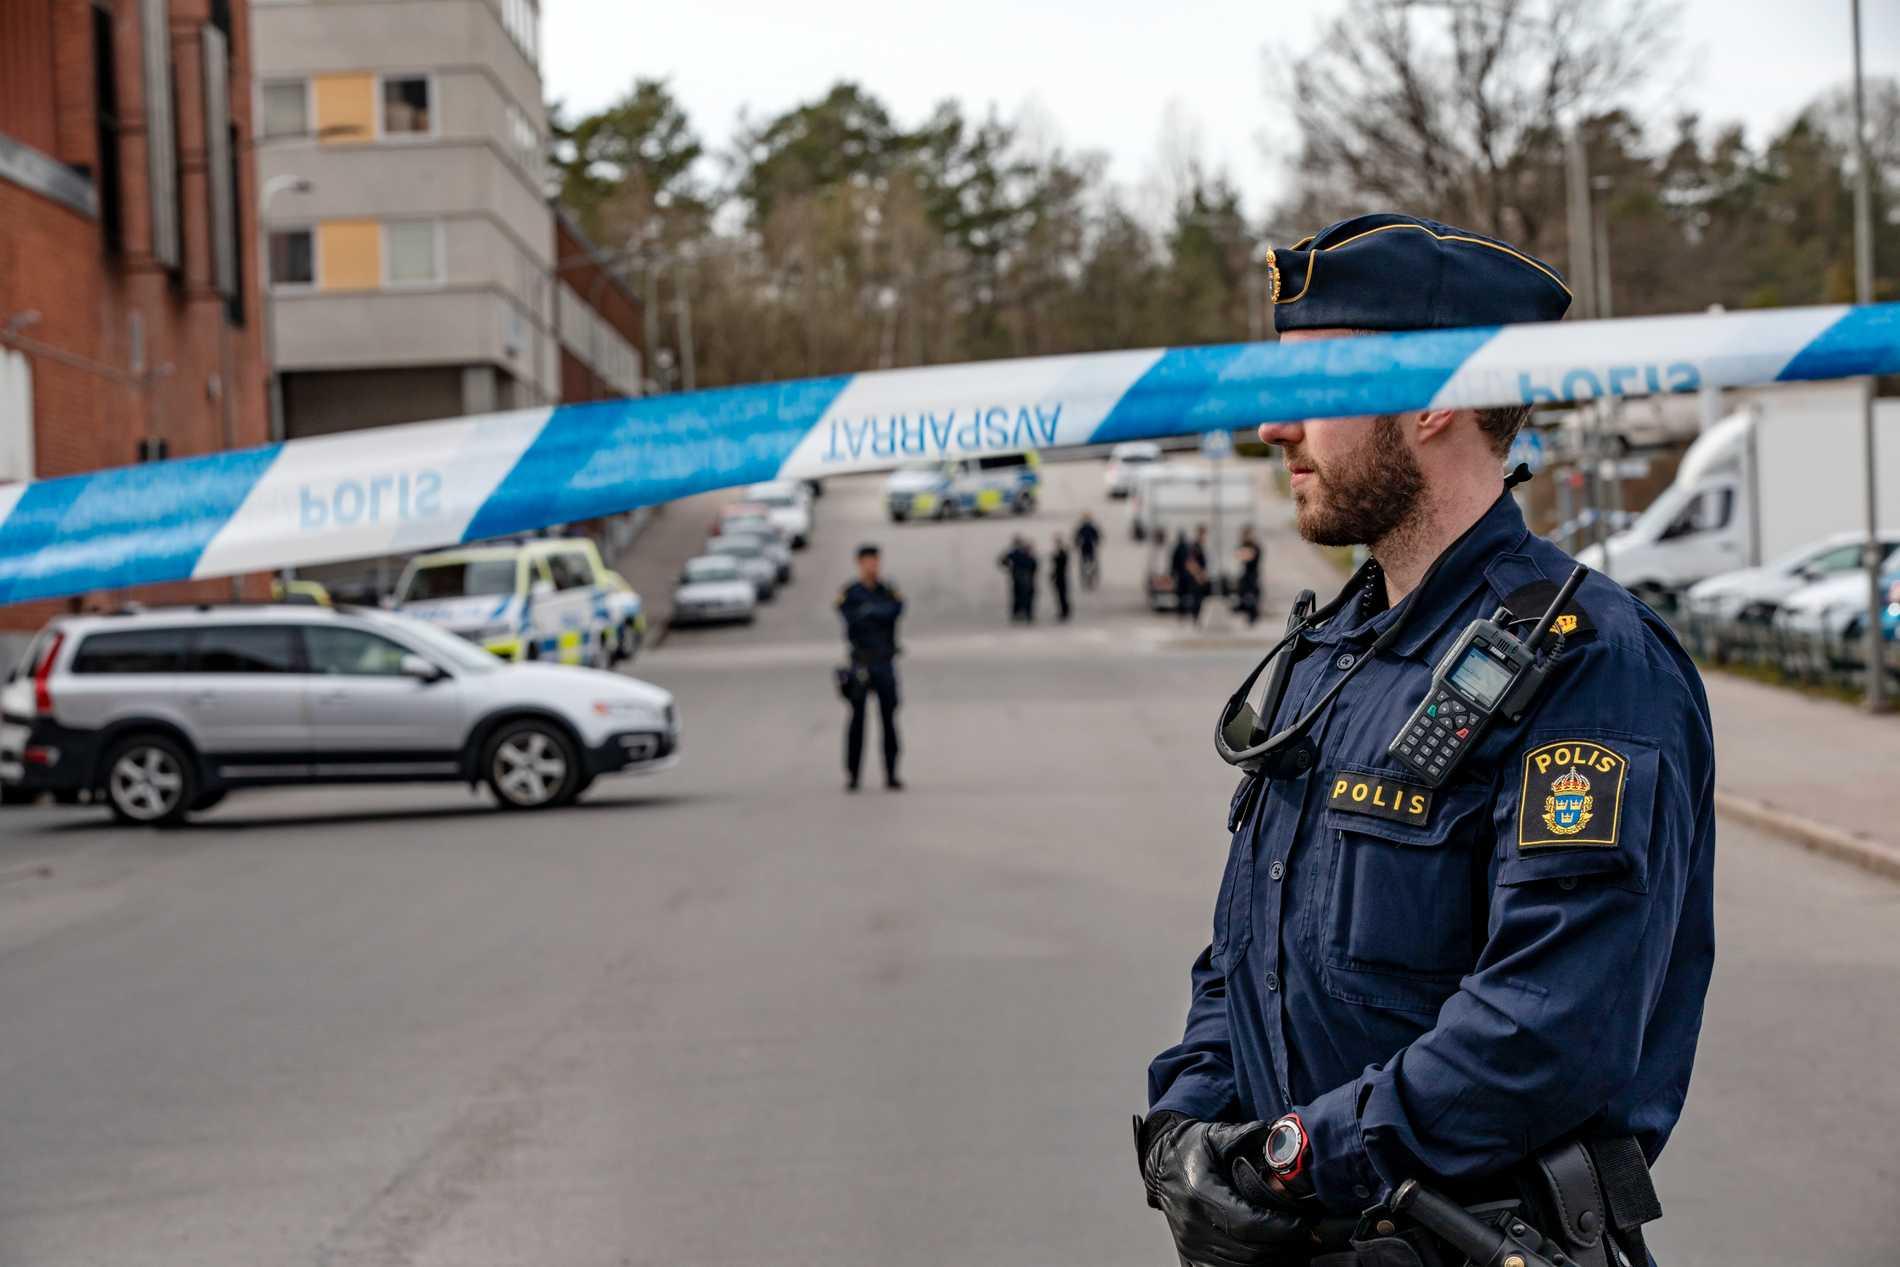 Polisens avspärrningar på platsen i Vällingby på tisdagen.